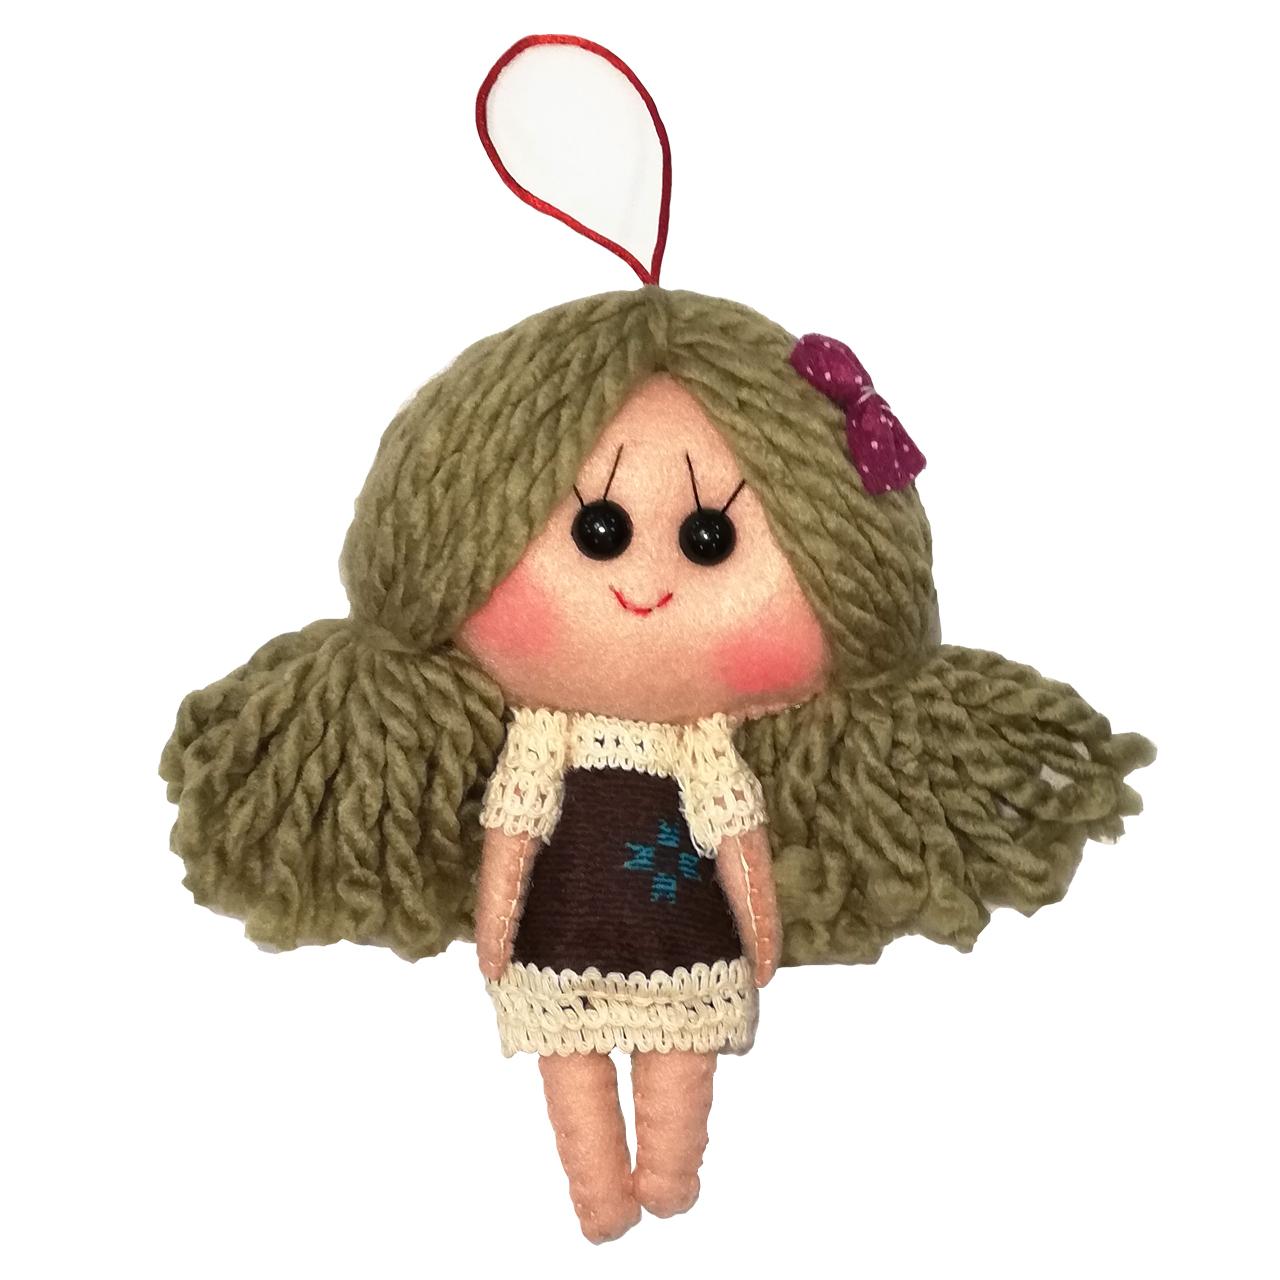 عروسک تزئینی طرح دختر بهار کد MRK2 ارتفاع 18 سانتی متر